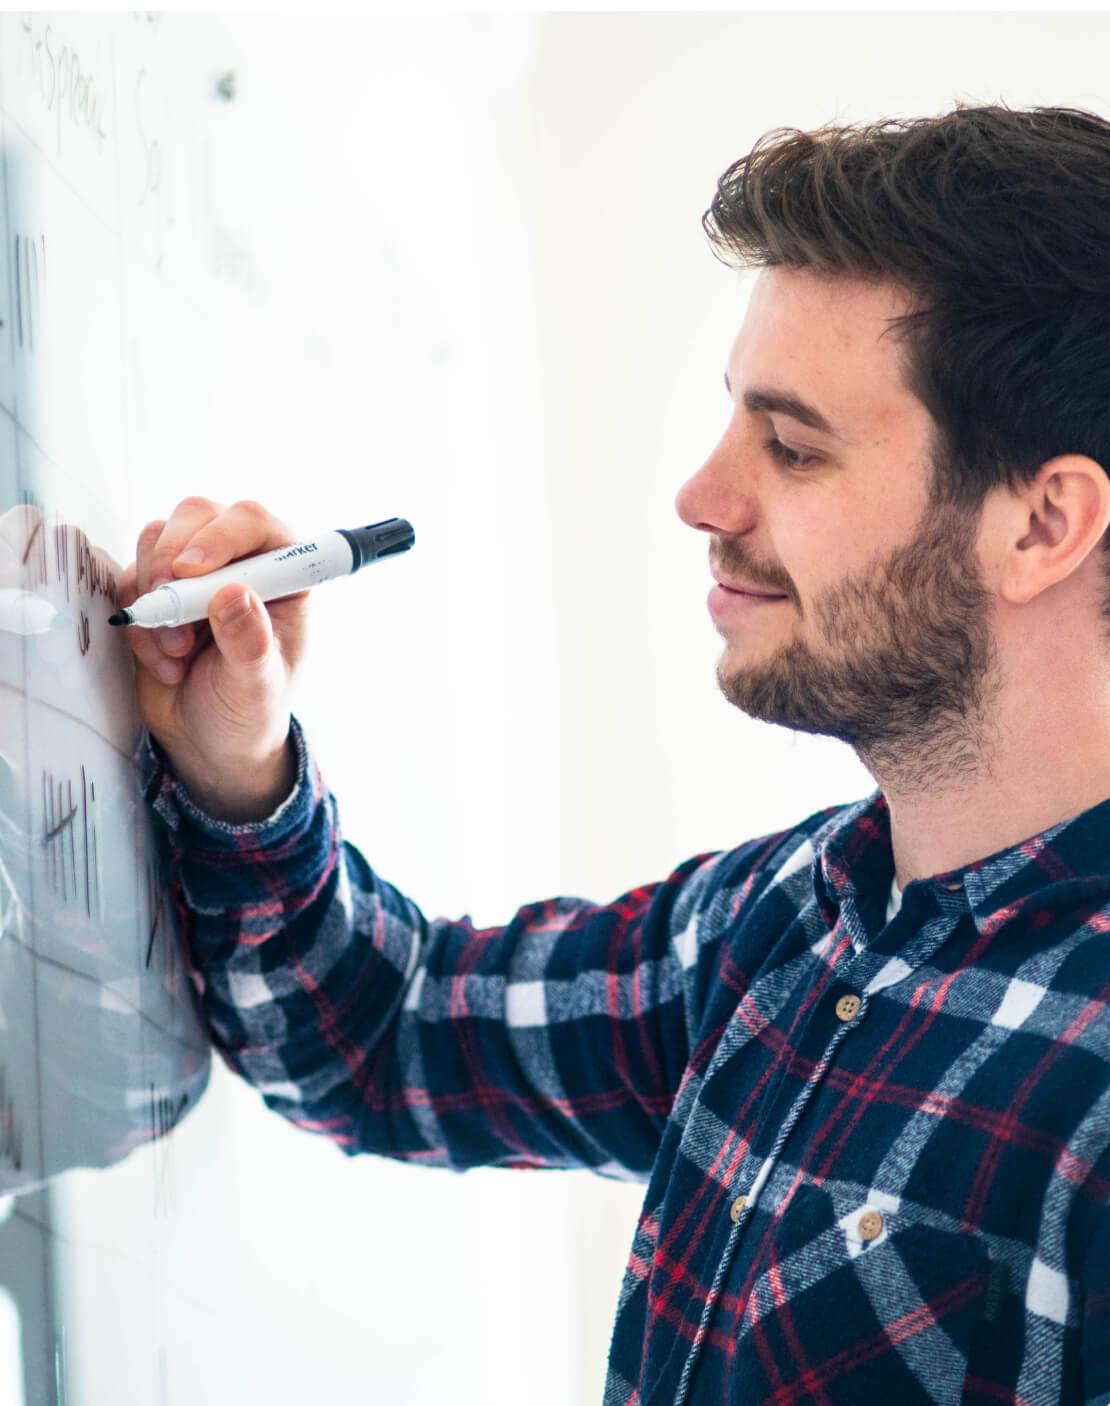 Sqales werknemer schrijft op een schoolbord